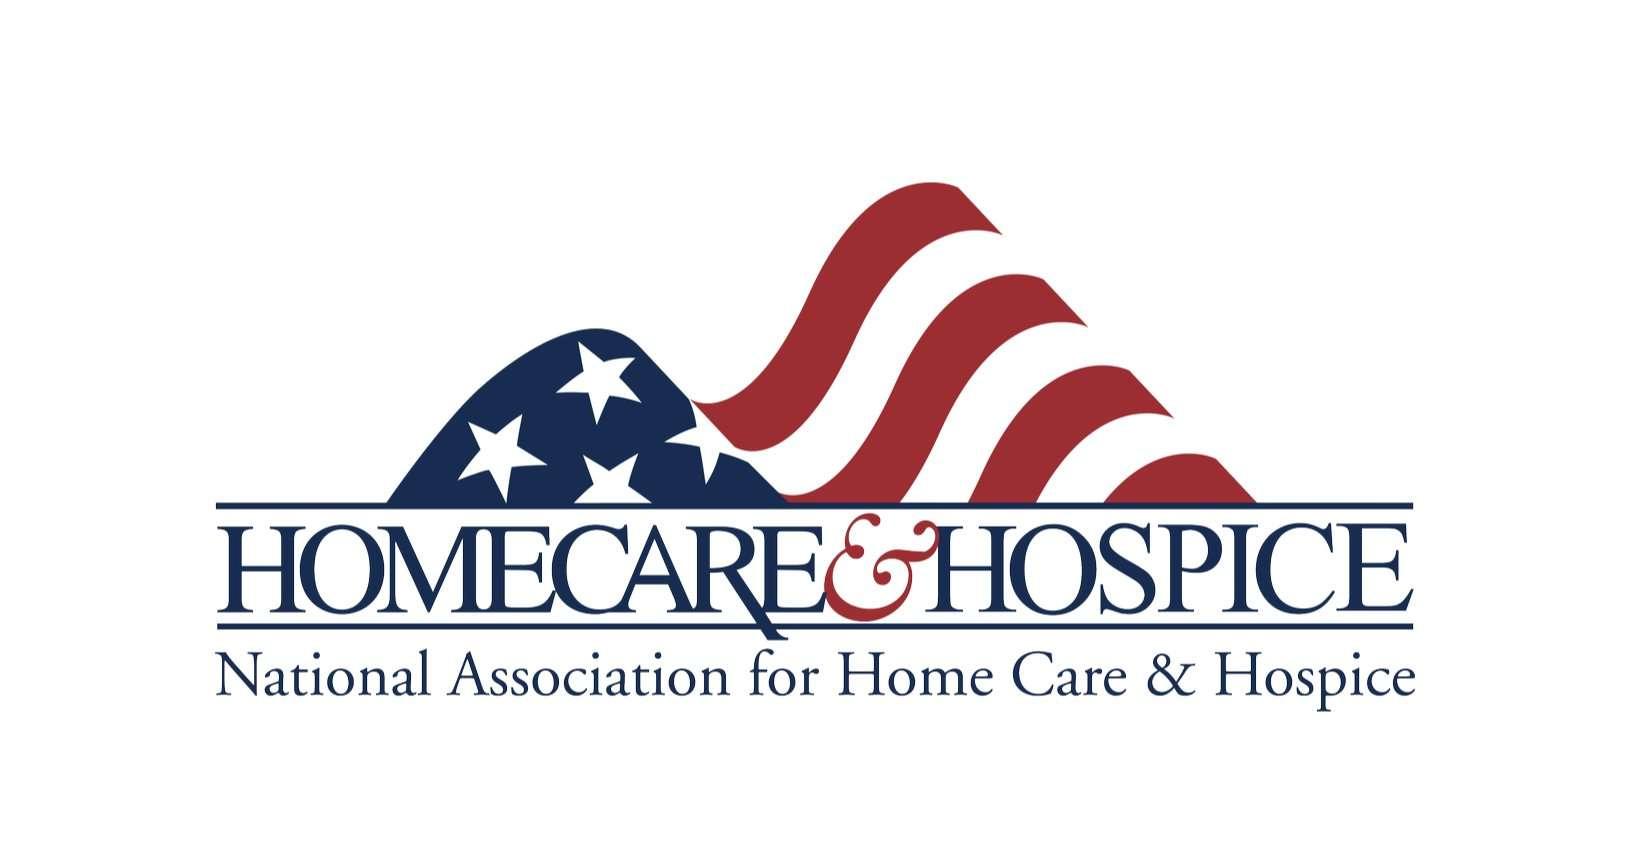 Homecare and Hospice Association Logo